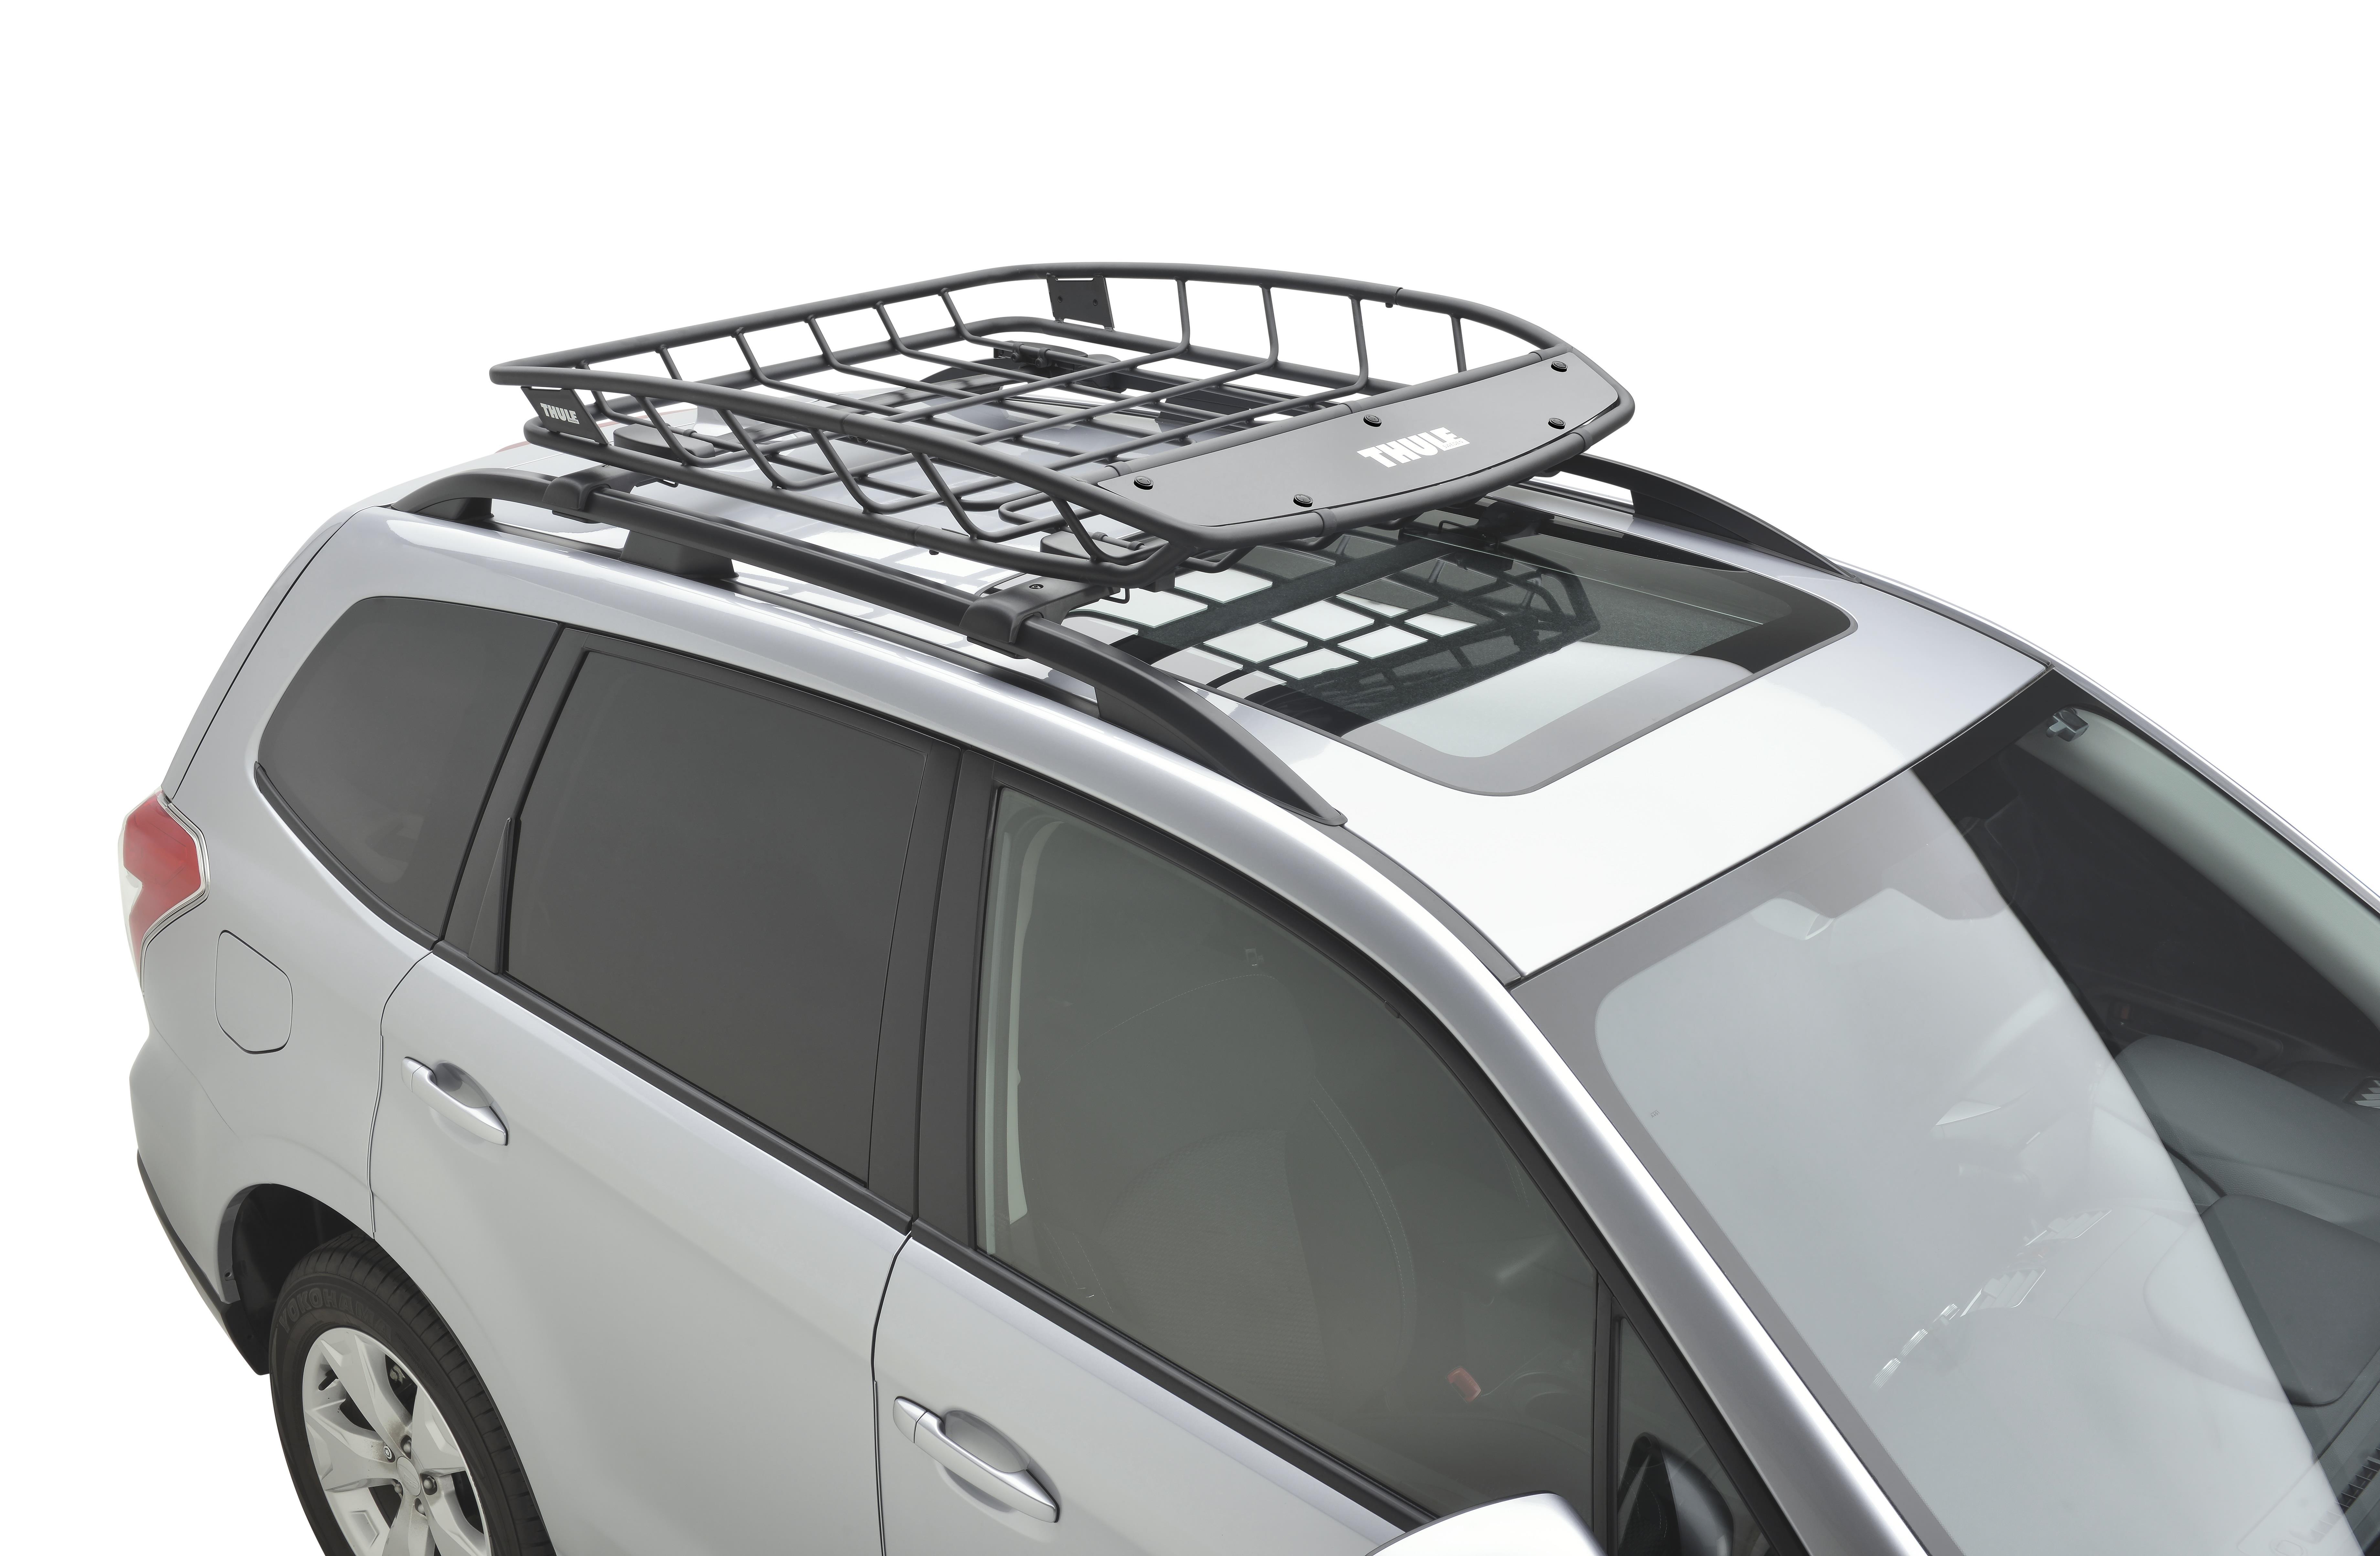 2016 Subaru Forester Thule Heavy Duty Roof Cargo Basket